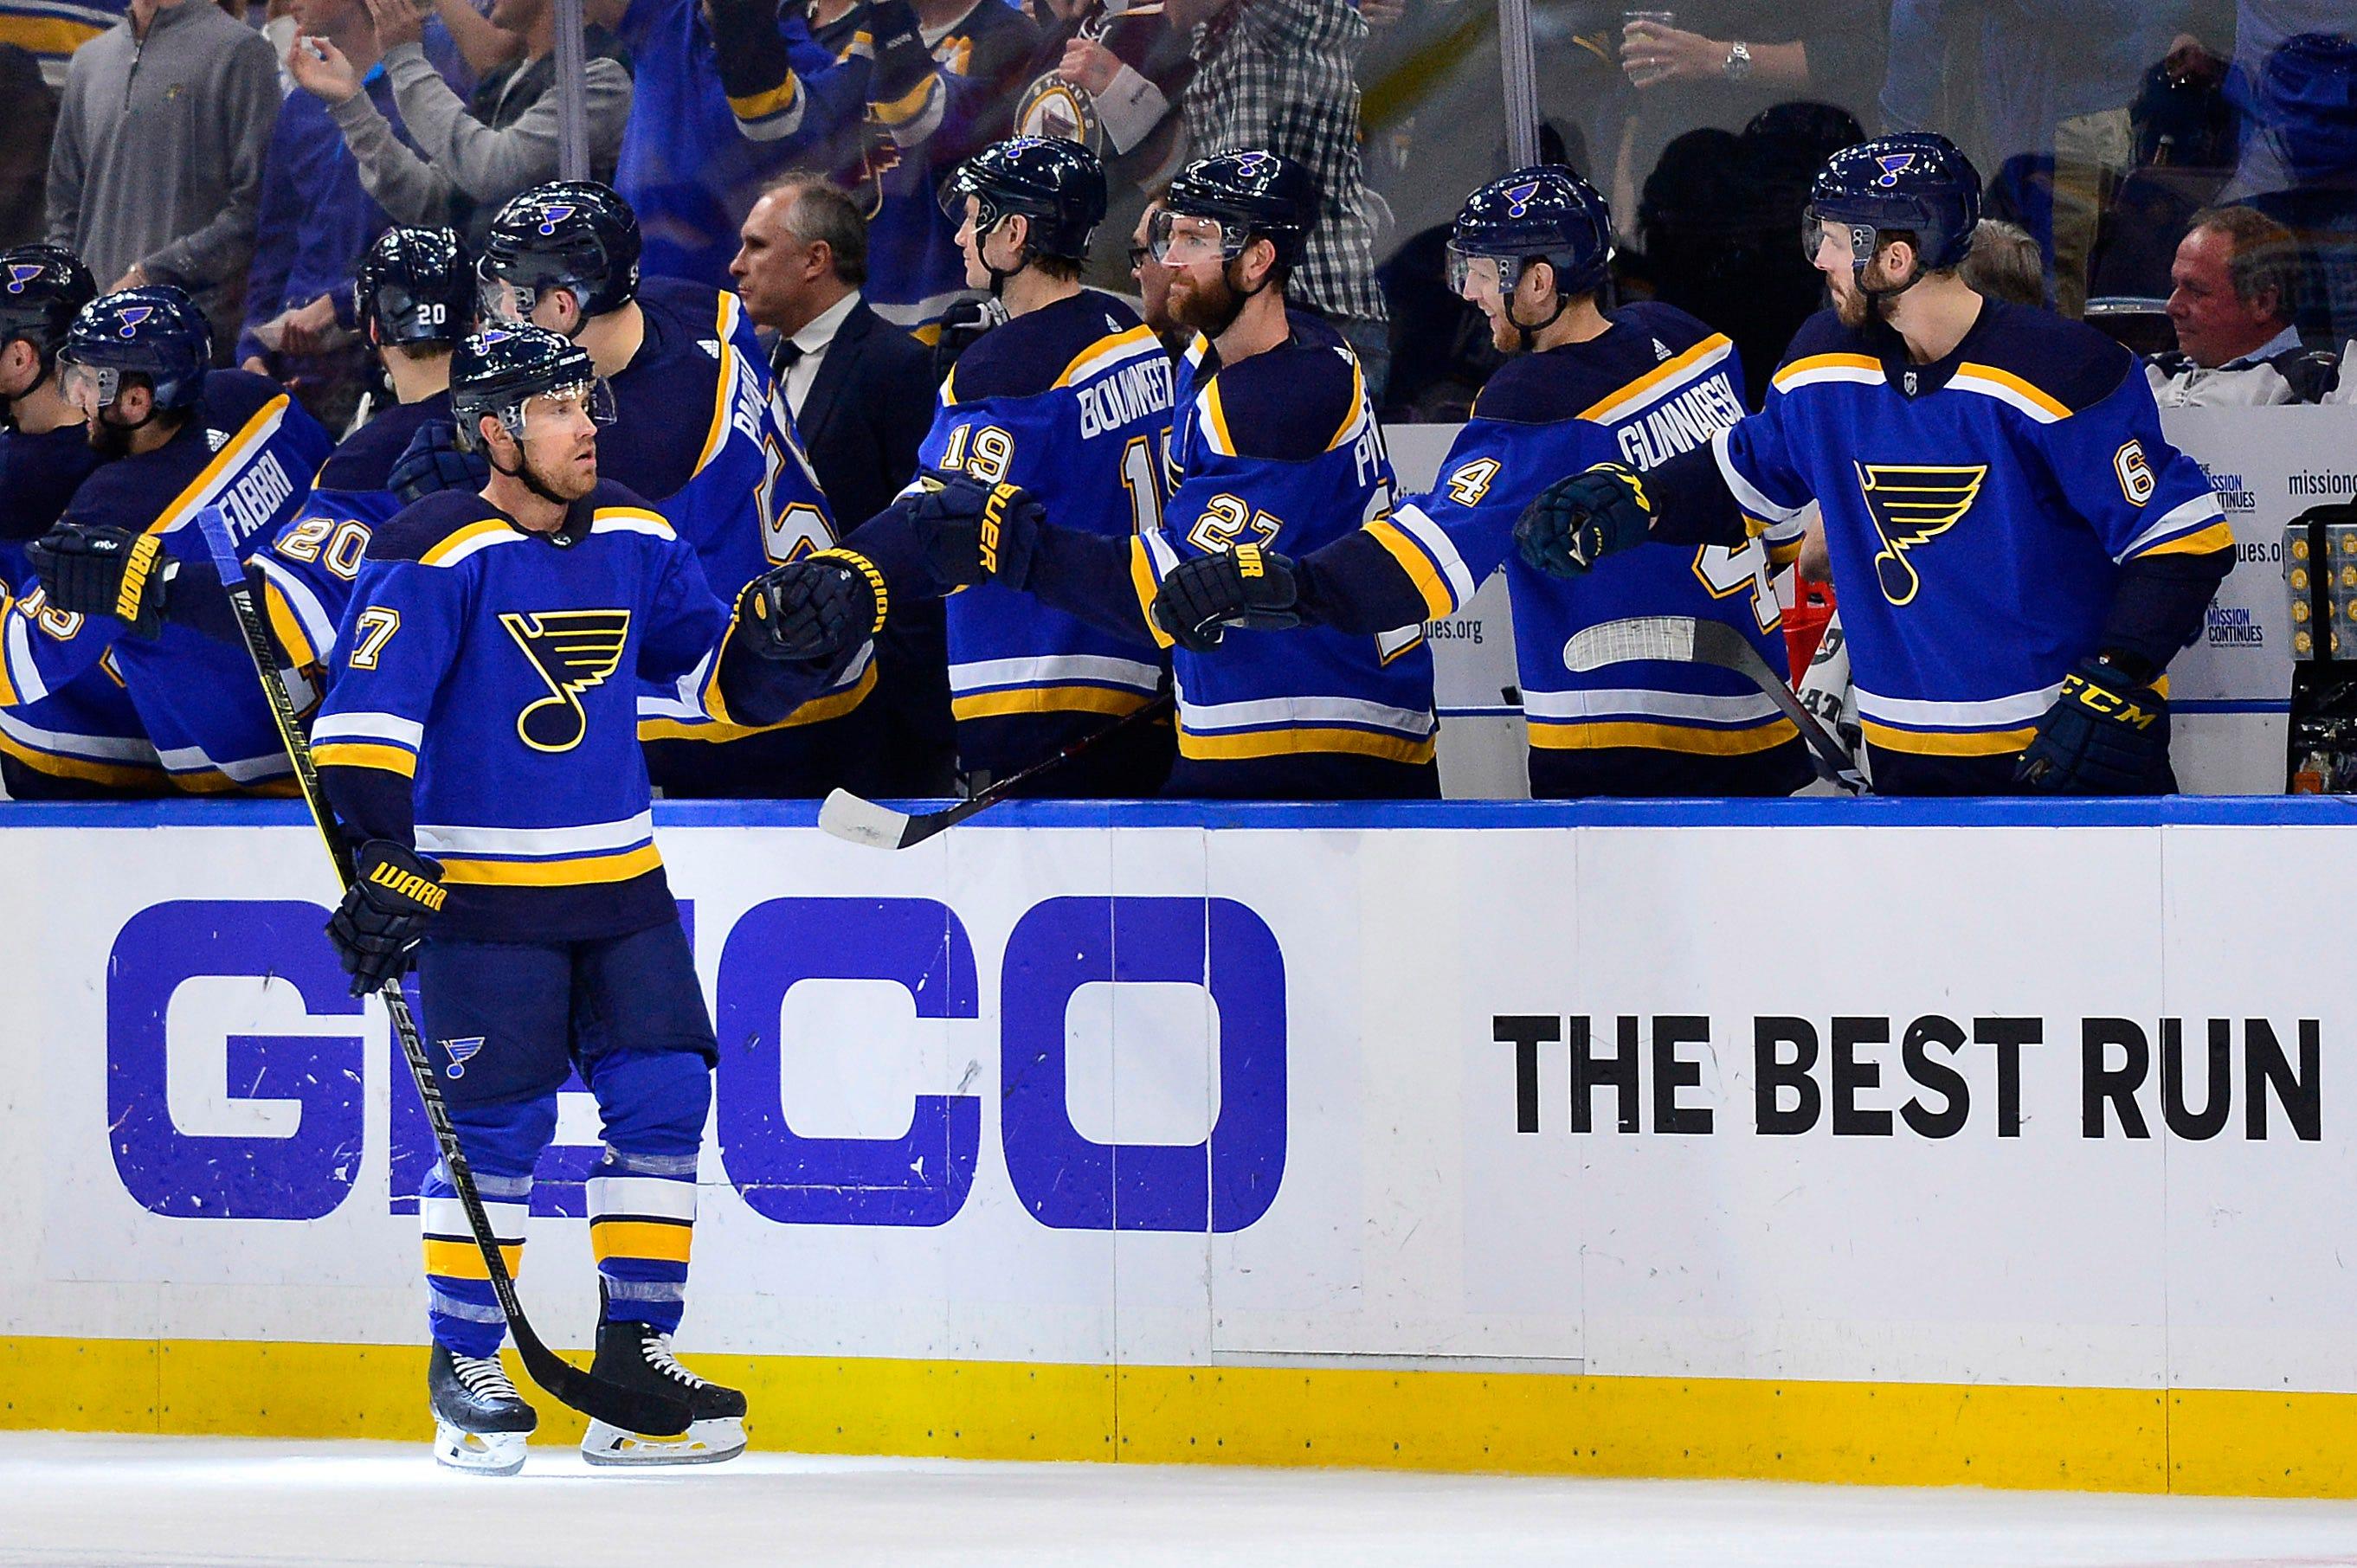 Jaden Schwartz scores hat trick as St. Louis Blues eliminate Winnipeg Jets from NHL playoffs